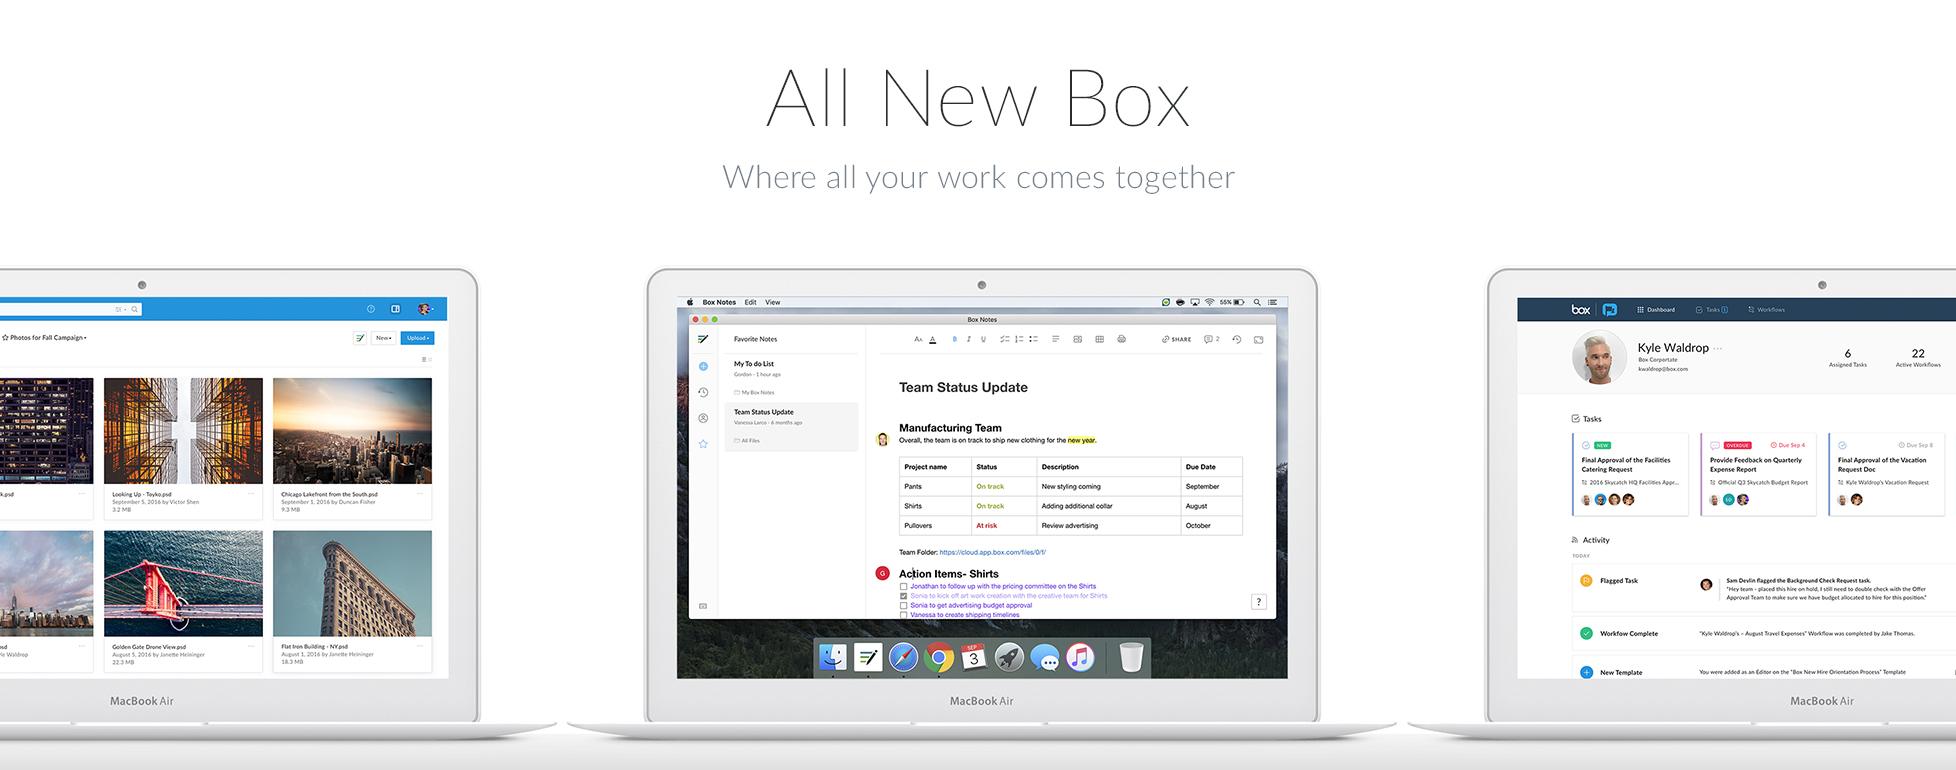 All New Box - Header